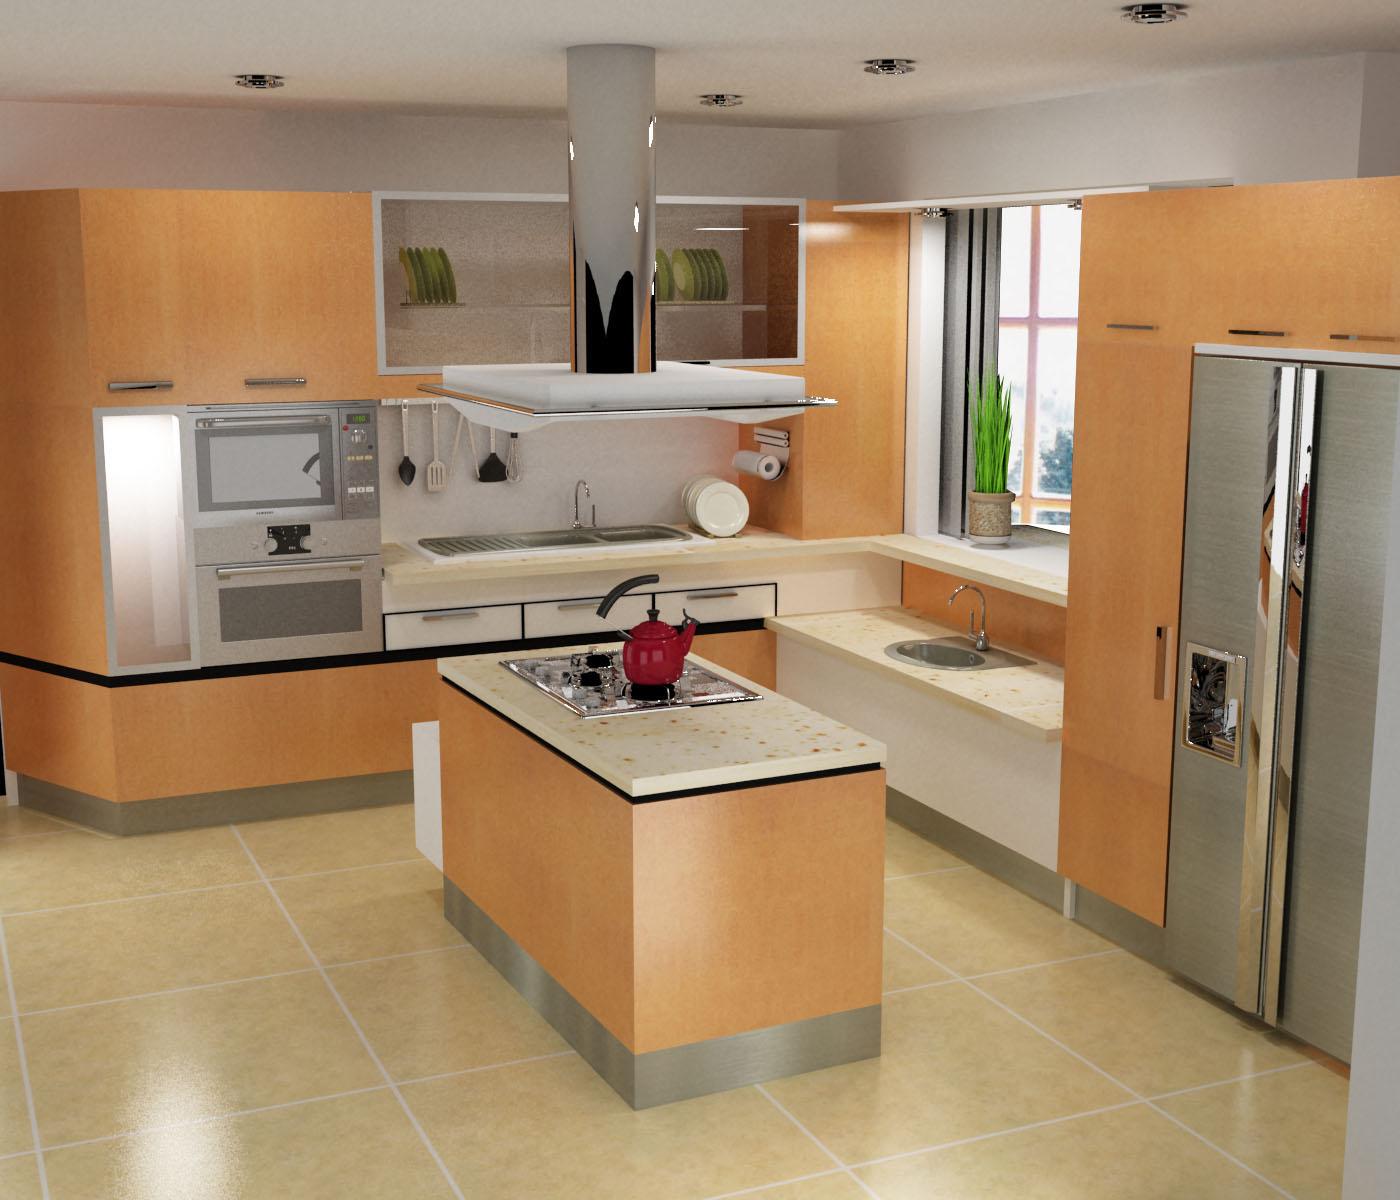 Remodelaciones de cocinas integrando la cocina a la sala for Isla cocina comedor